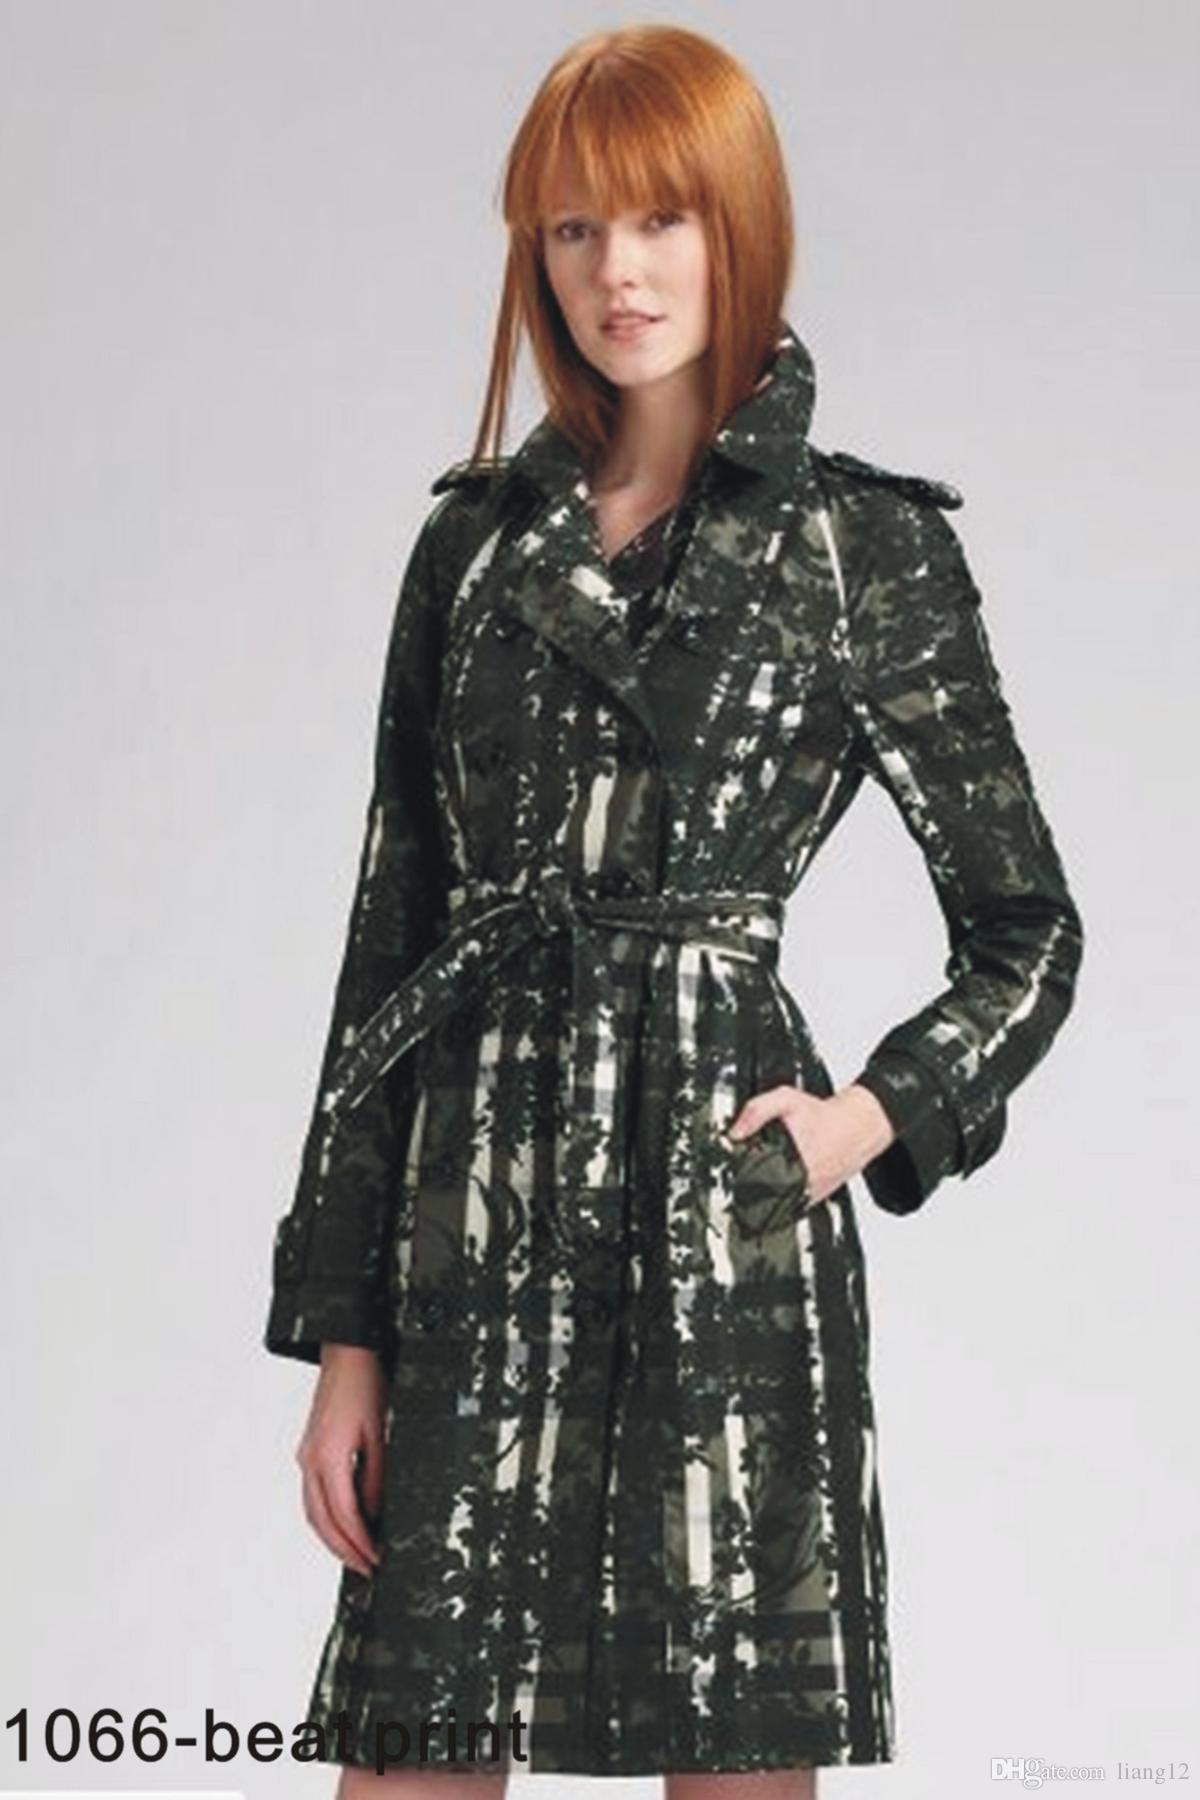 14b930f824cd2f Großhandel Frauen 2017 Neue Flut Mantel Mantel Modelle Beliebt Europa Und  Den Vereinigten Staaten Freizeit Sportjacke Frauen Lange Kleidung Von  Liang12